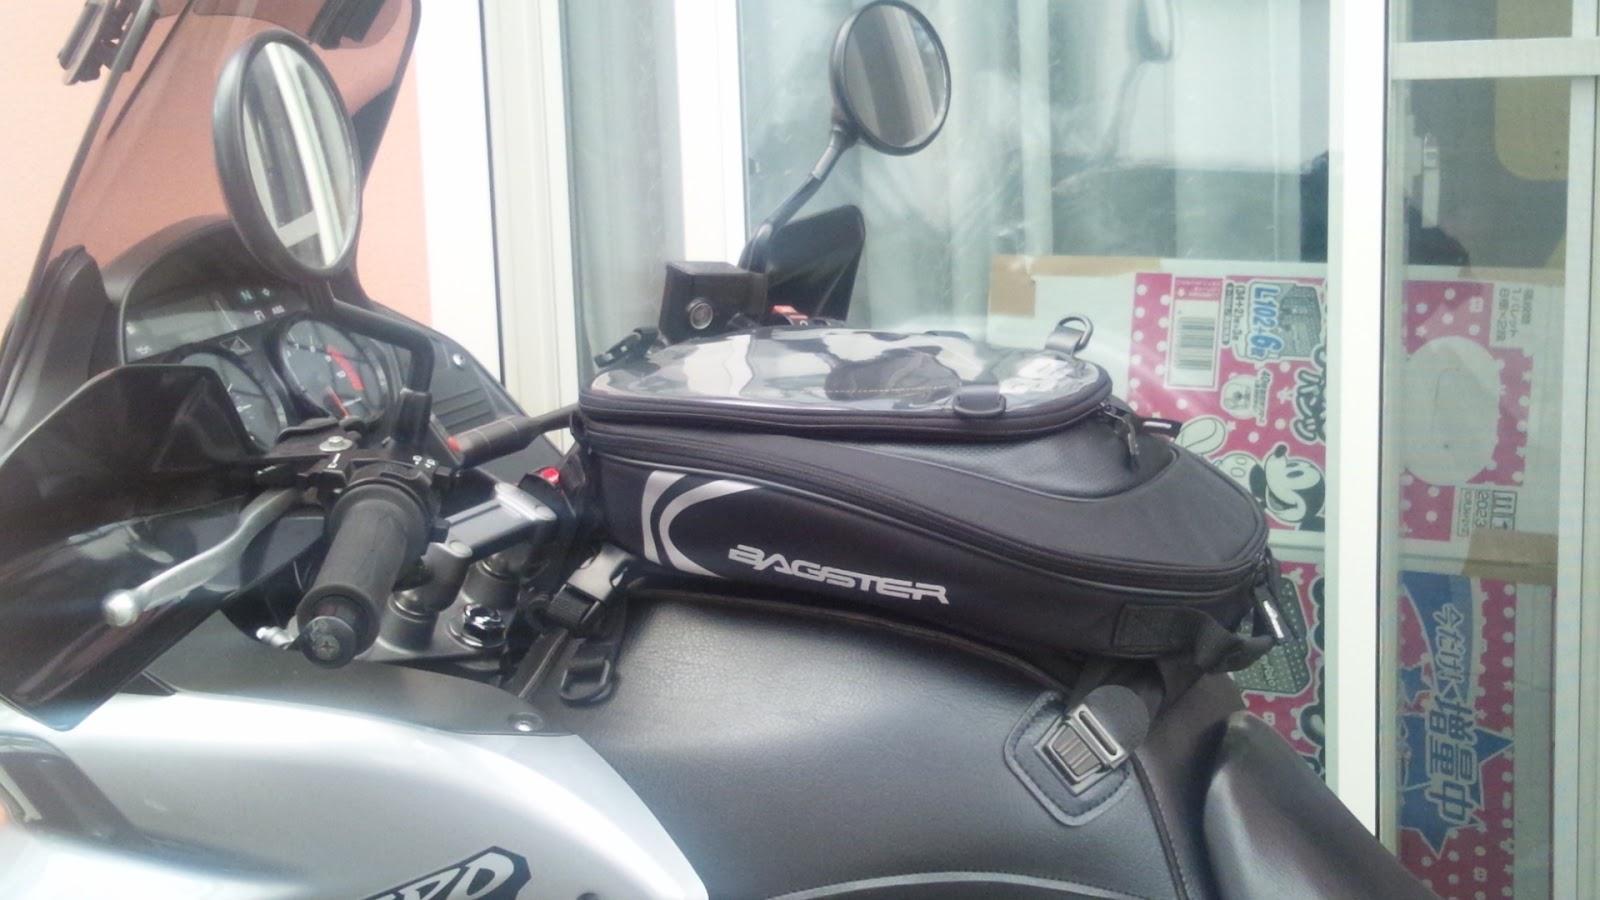 choix sacoche bagster 1200 DSC_0269